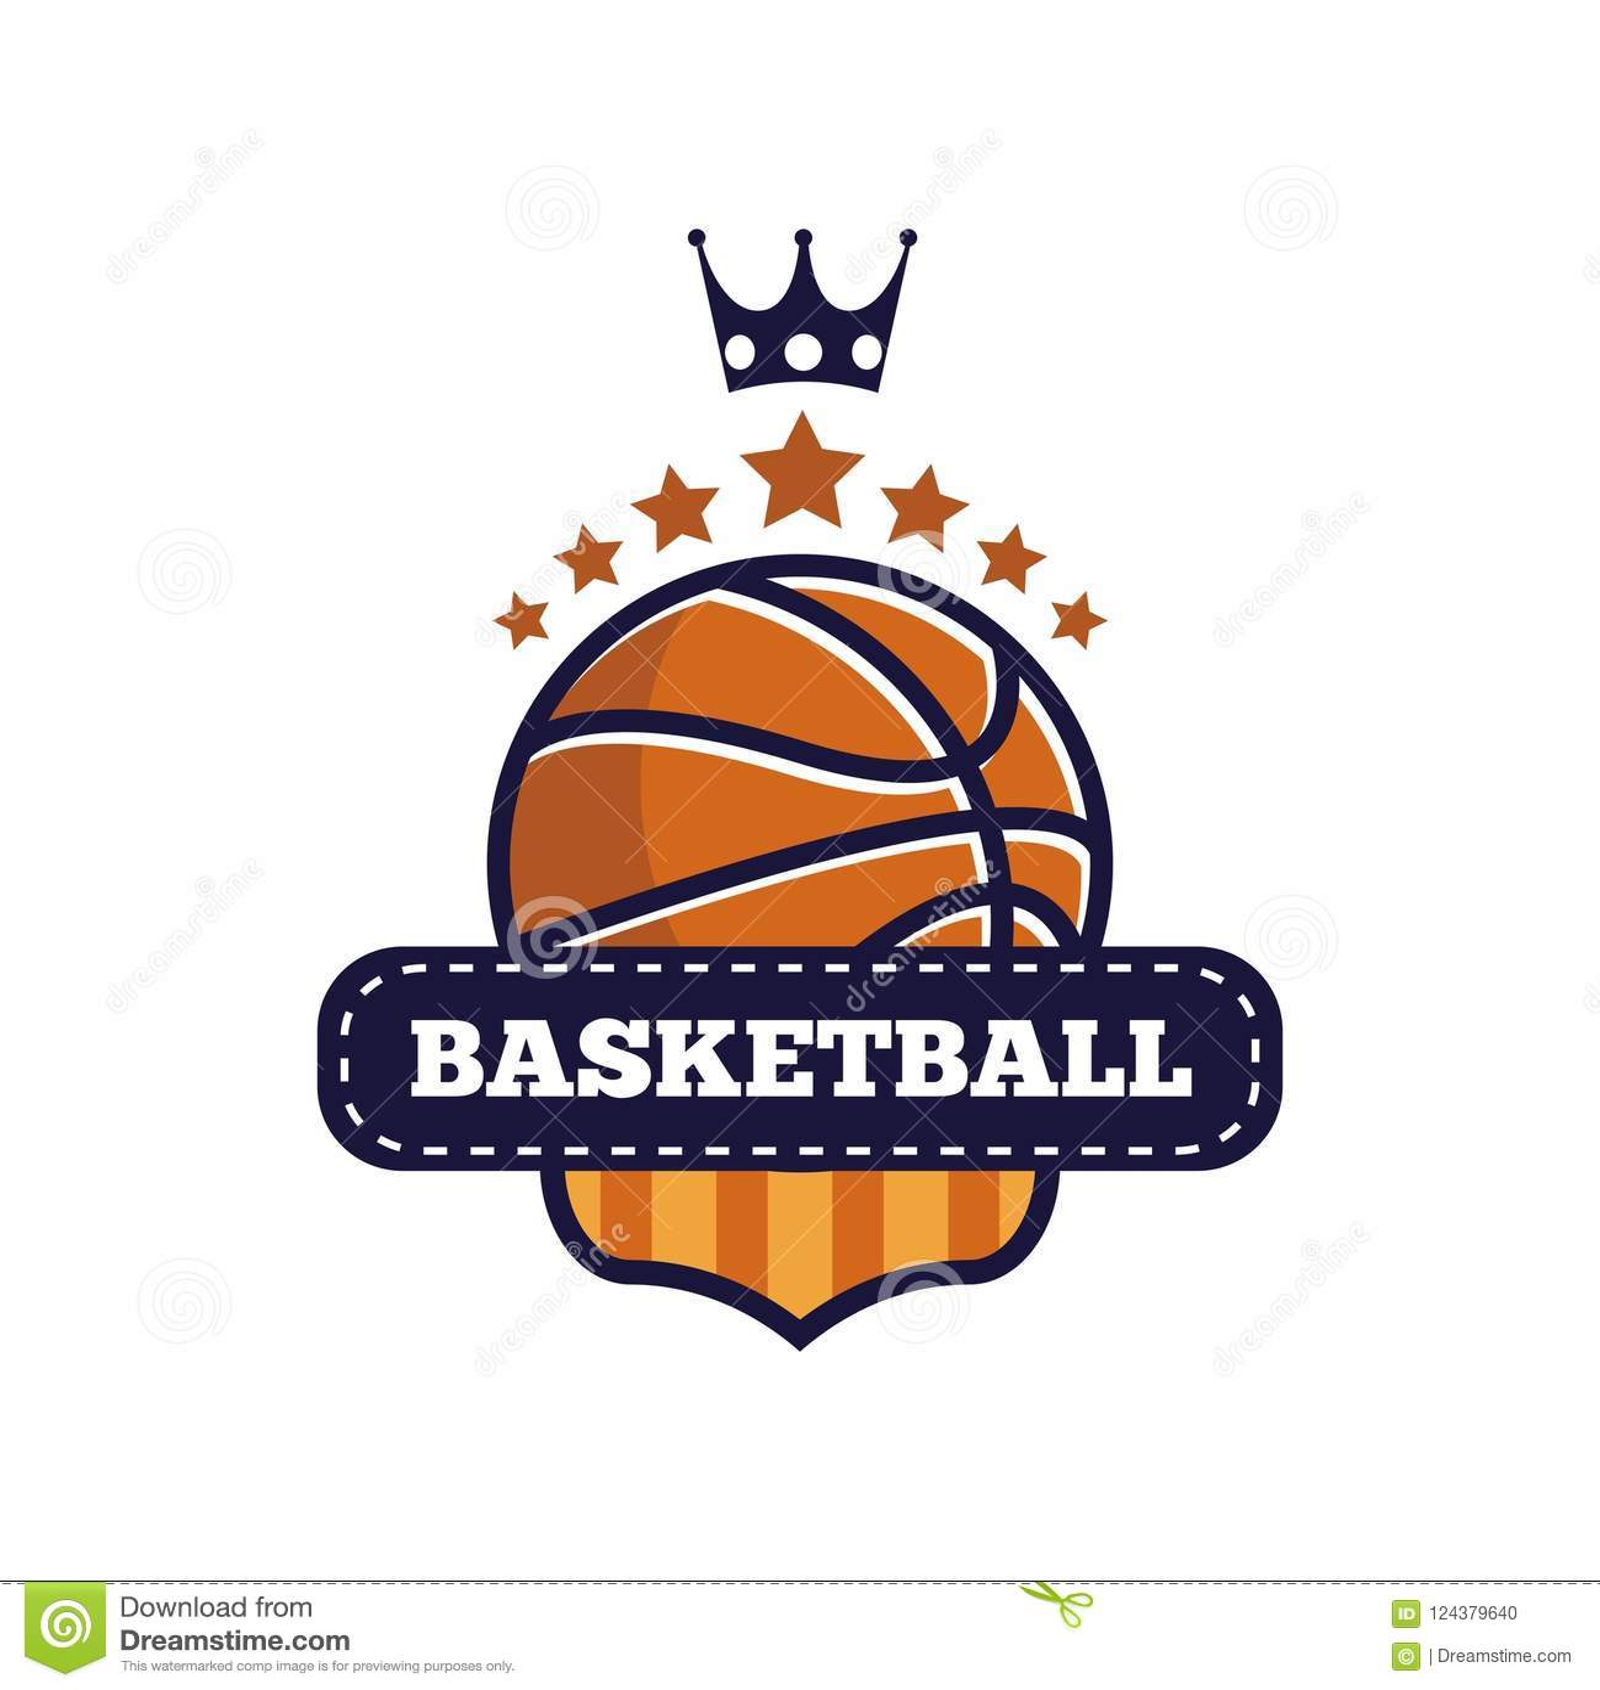 Basketball esport logo